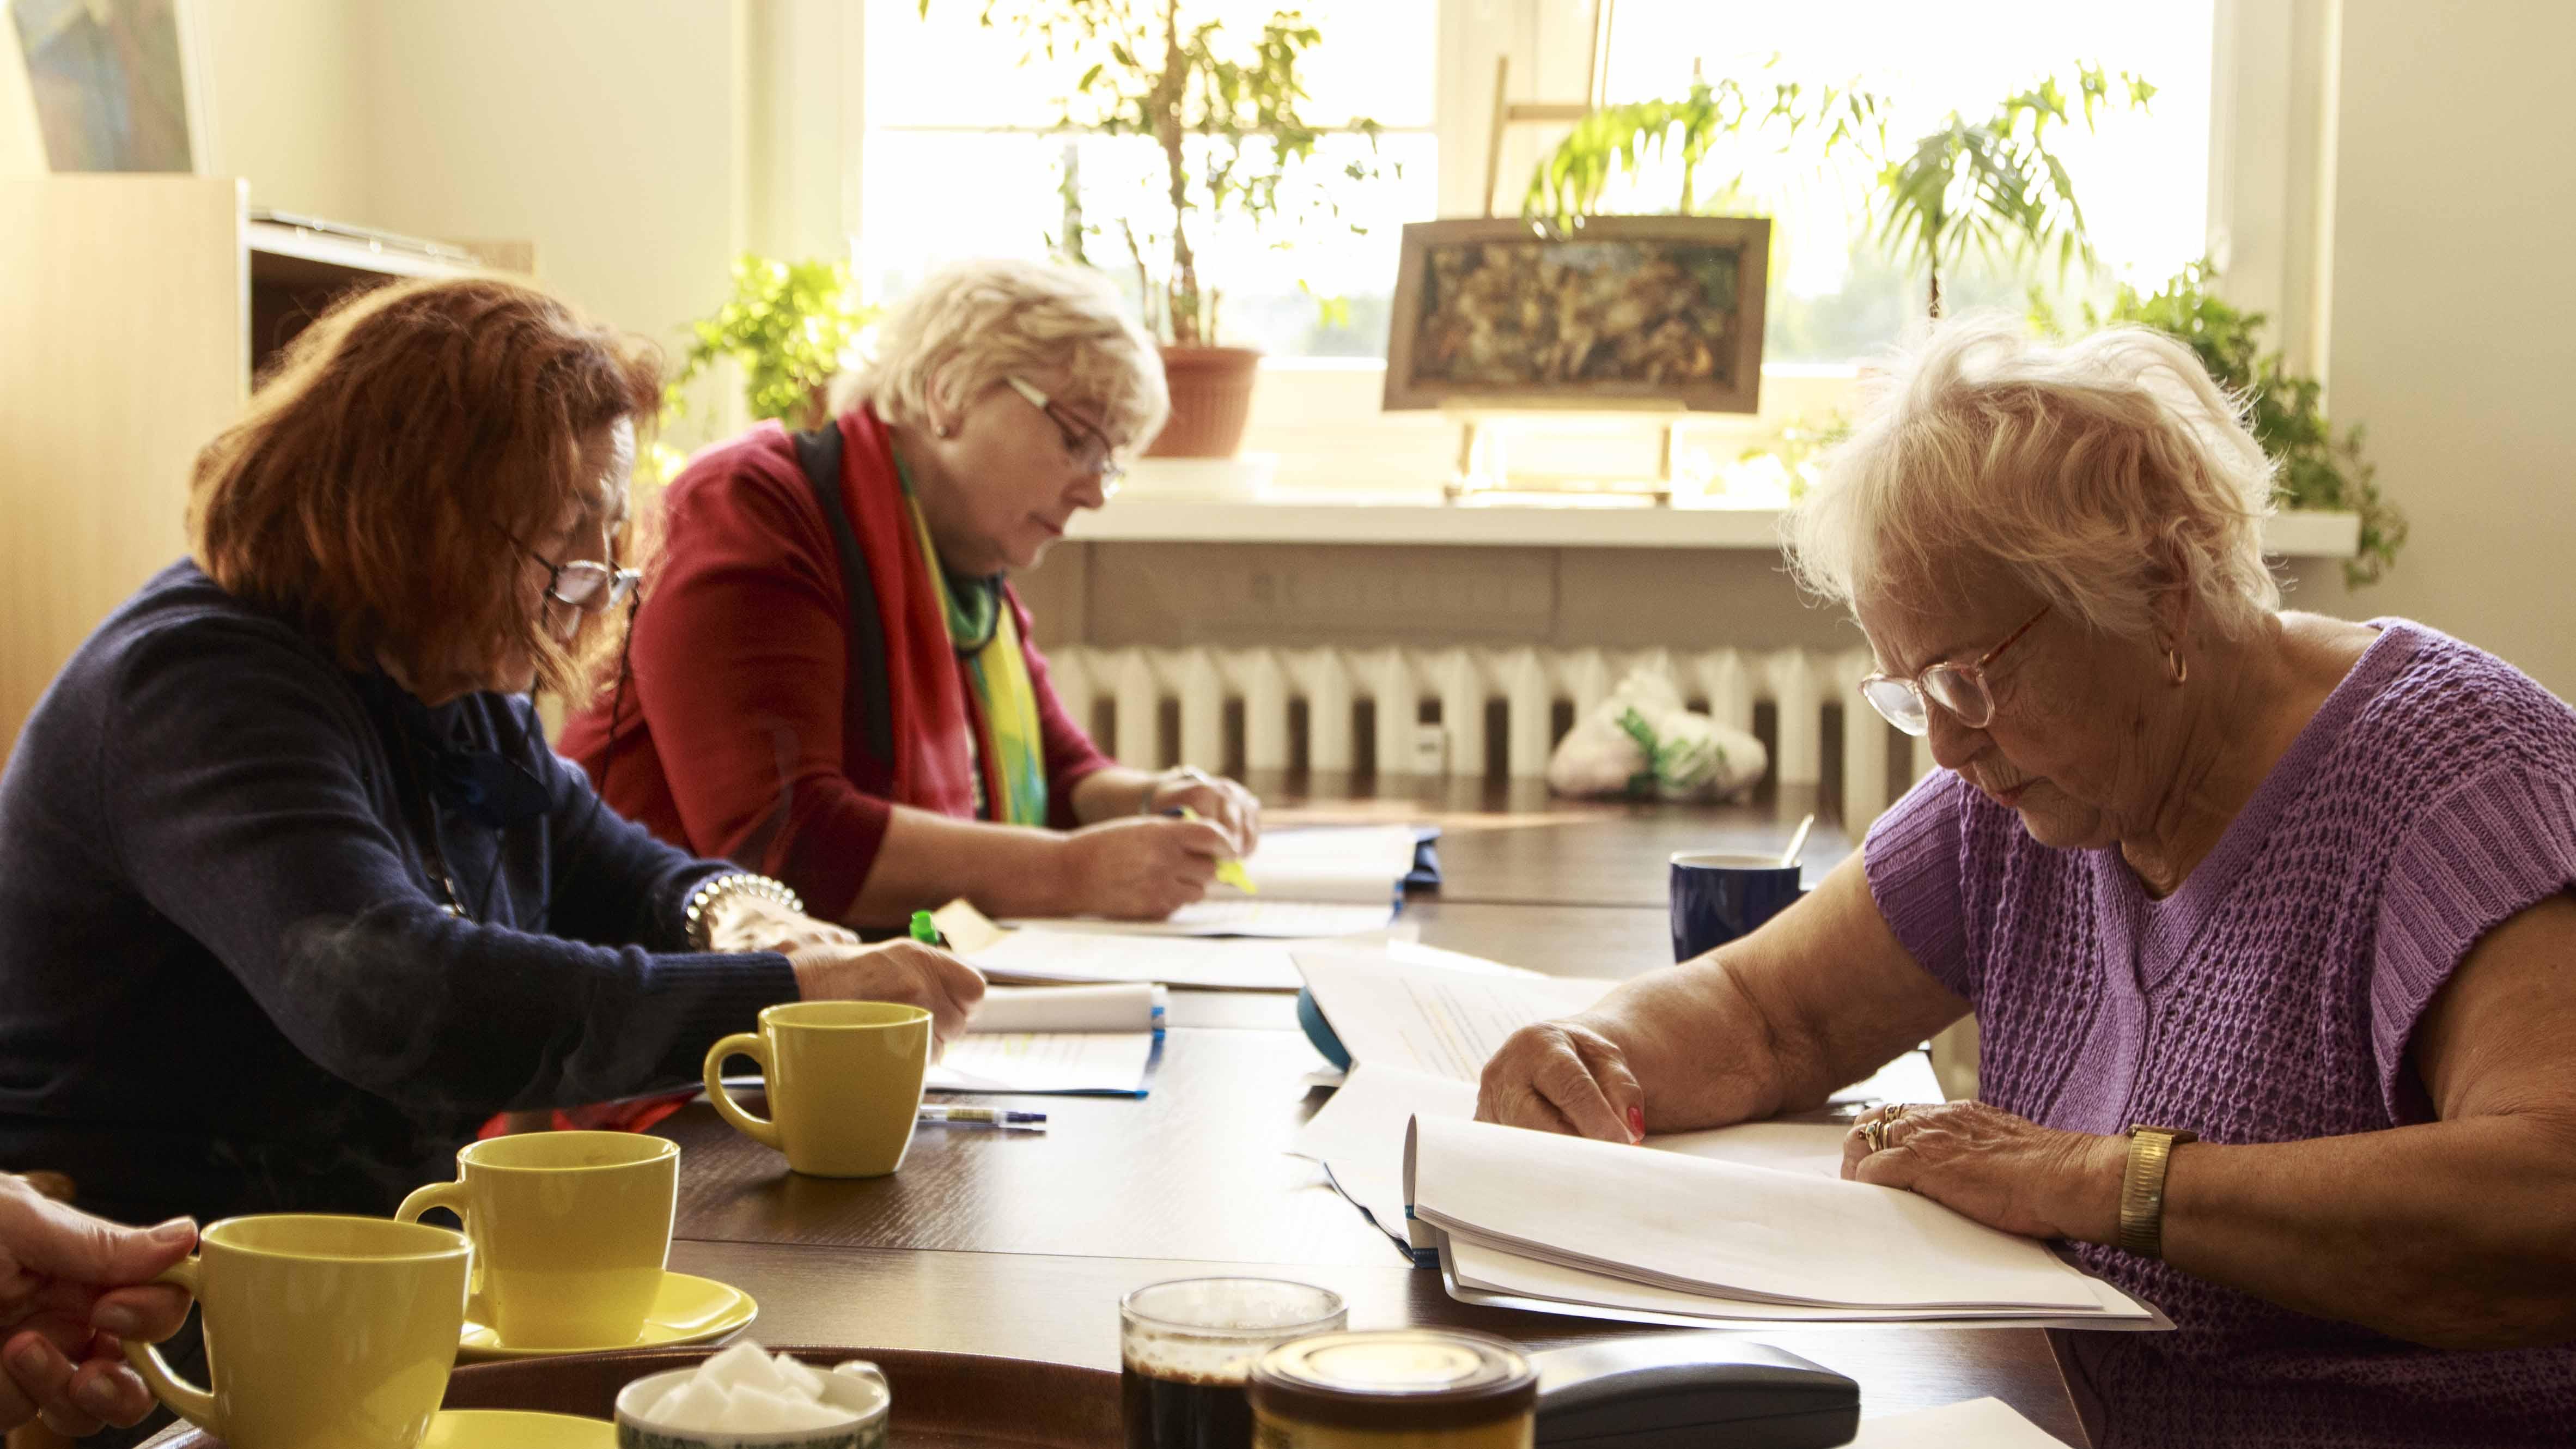 Zdjęcie z projektu Chór dzielnicowy. Trzy starsze kobiety przy stole, pochylone nad scenariuszami.